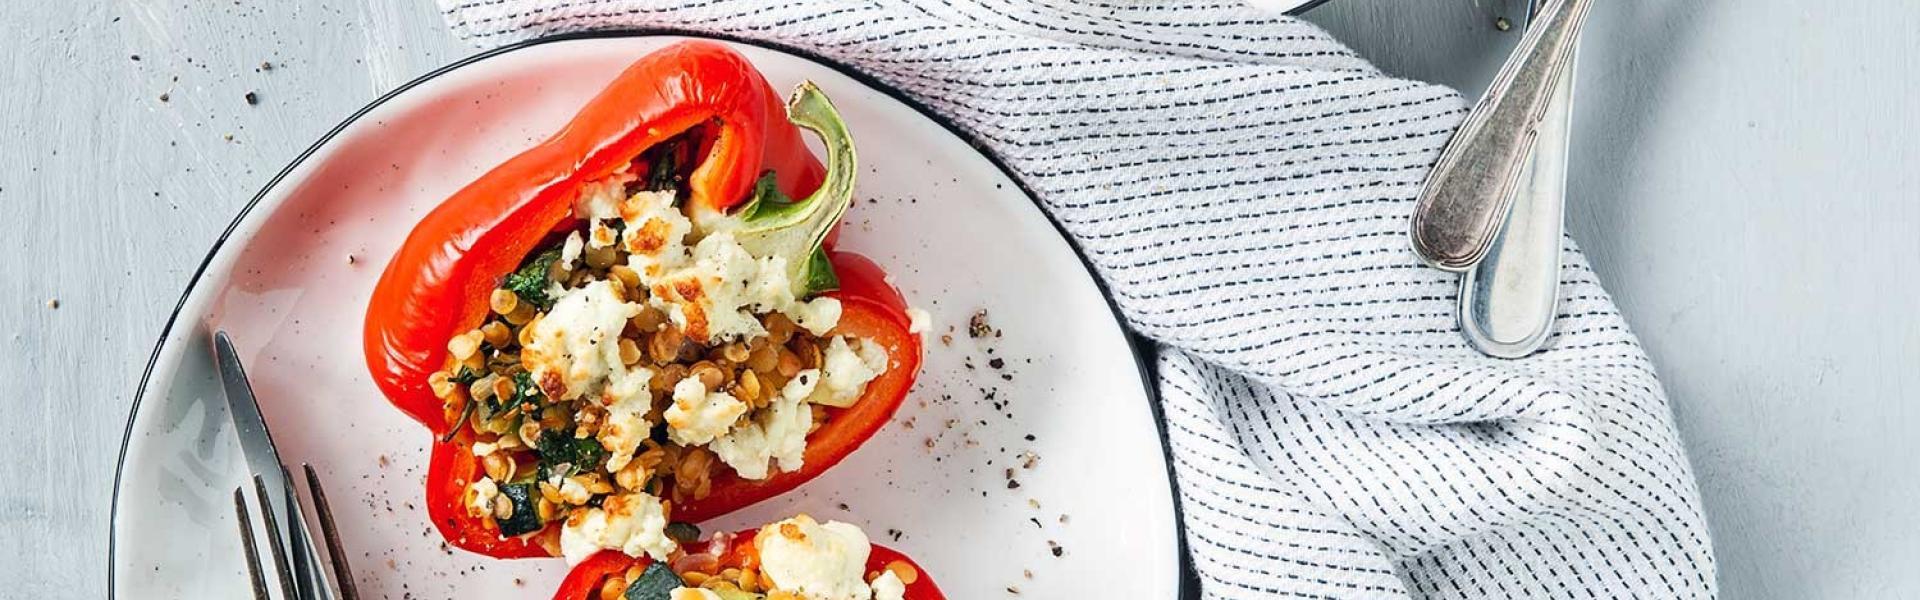 Zwei Teller mit gefüllten Paprika mit Feta und Linsen.